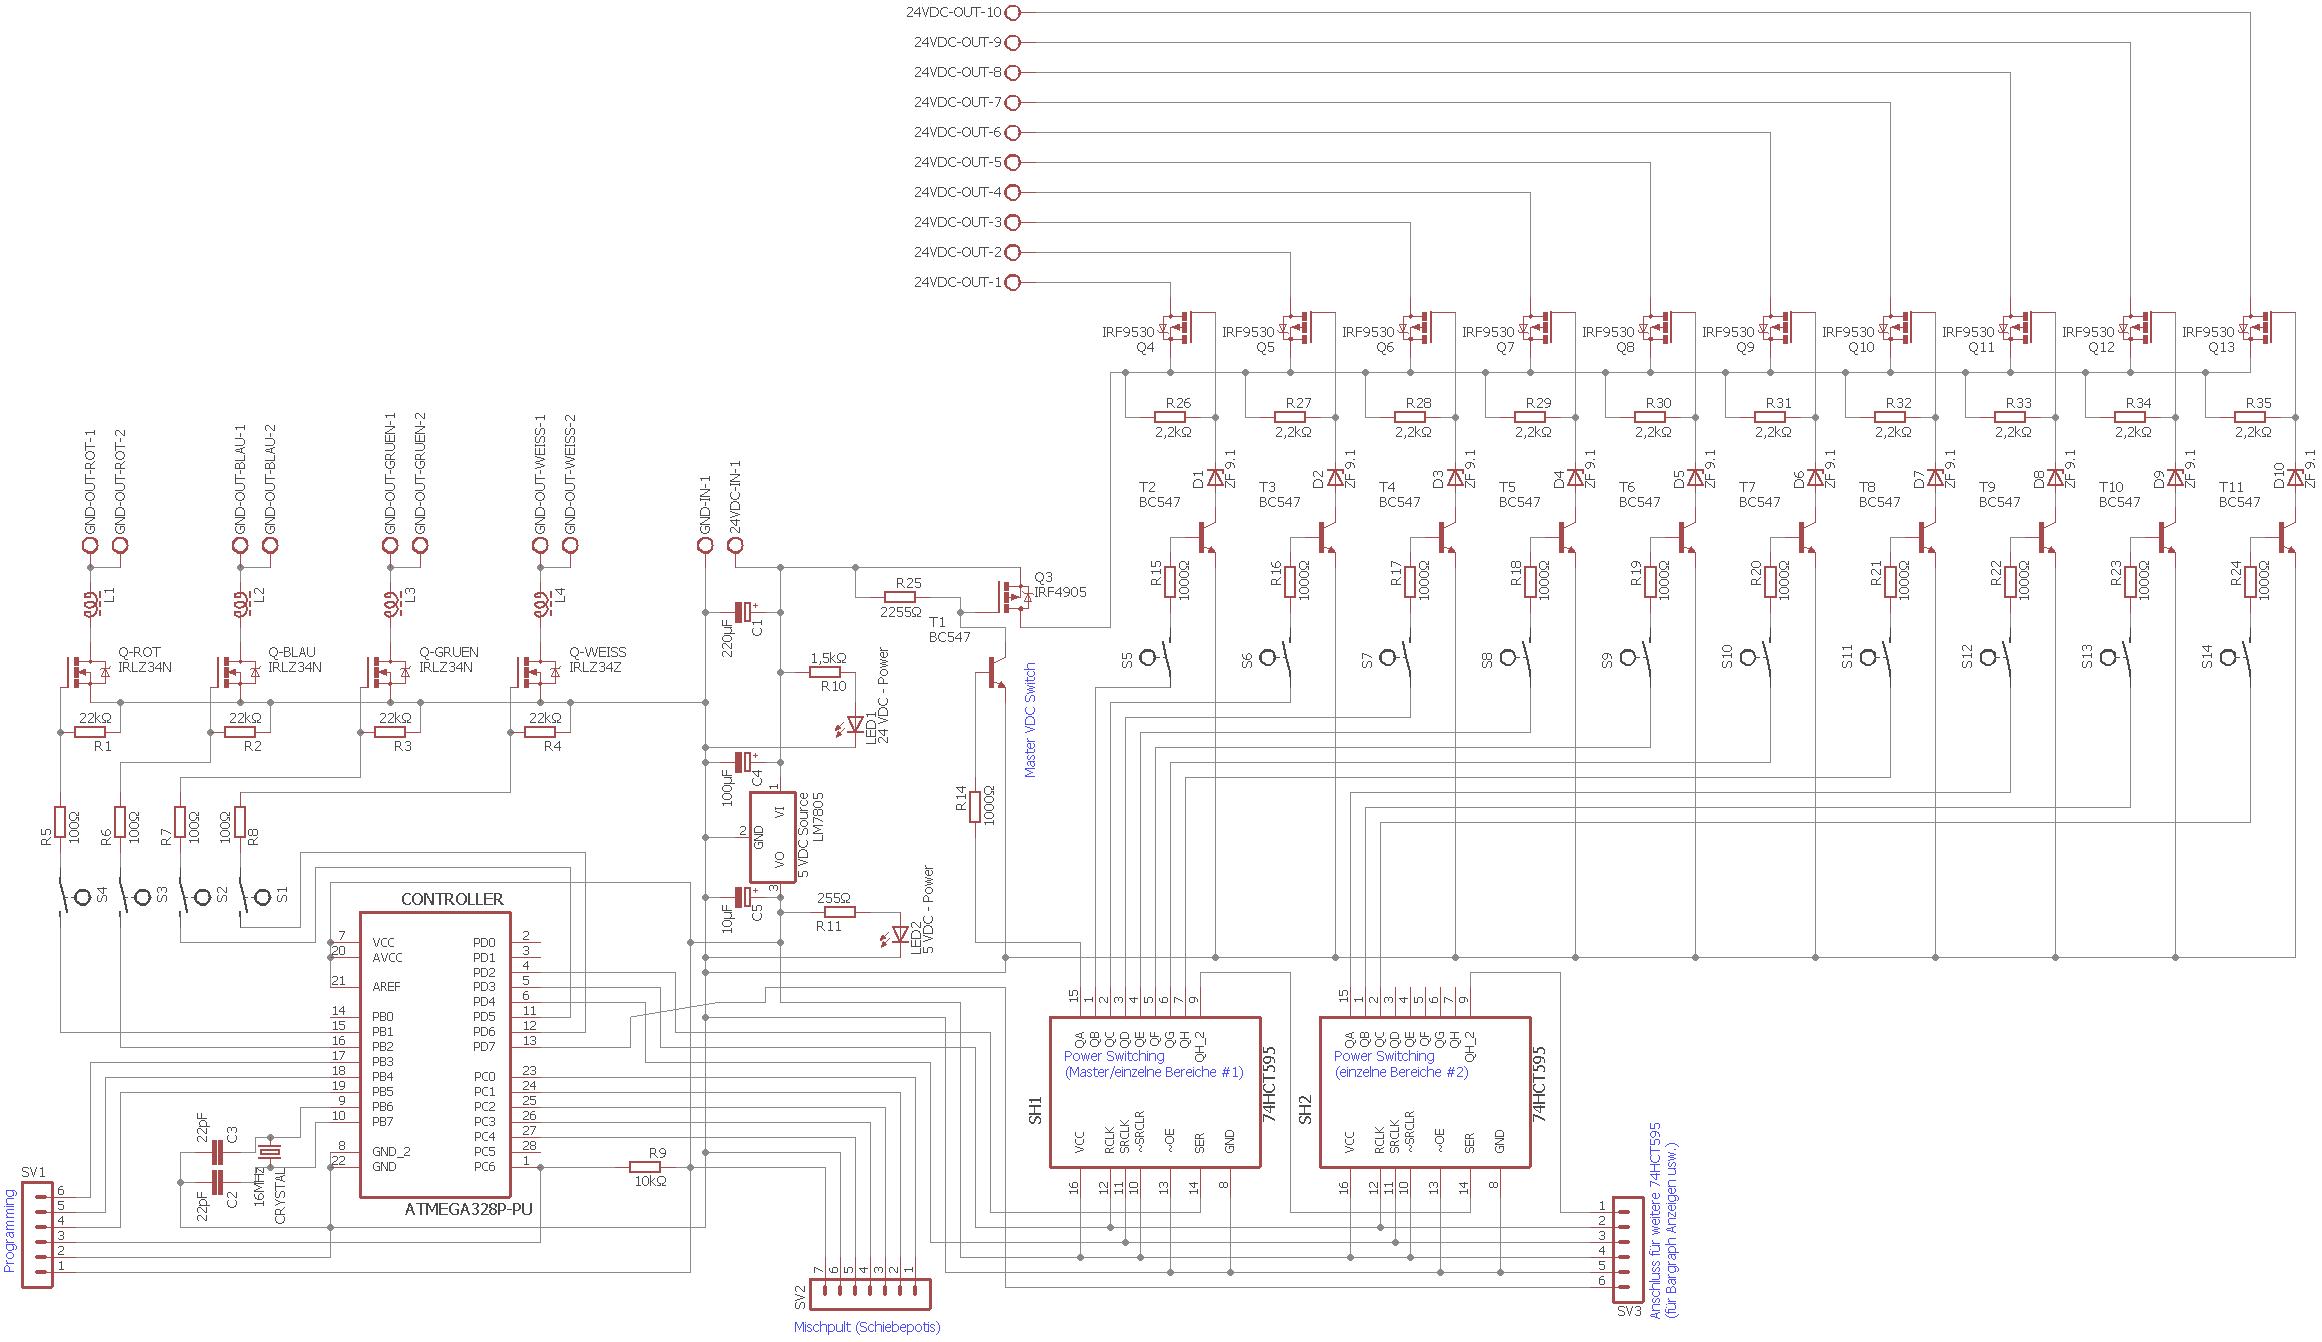 PWM über Mosfet schalten, passt das so? - Mikrocontroller.net